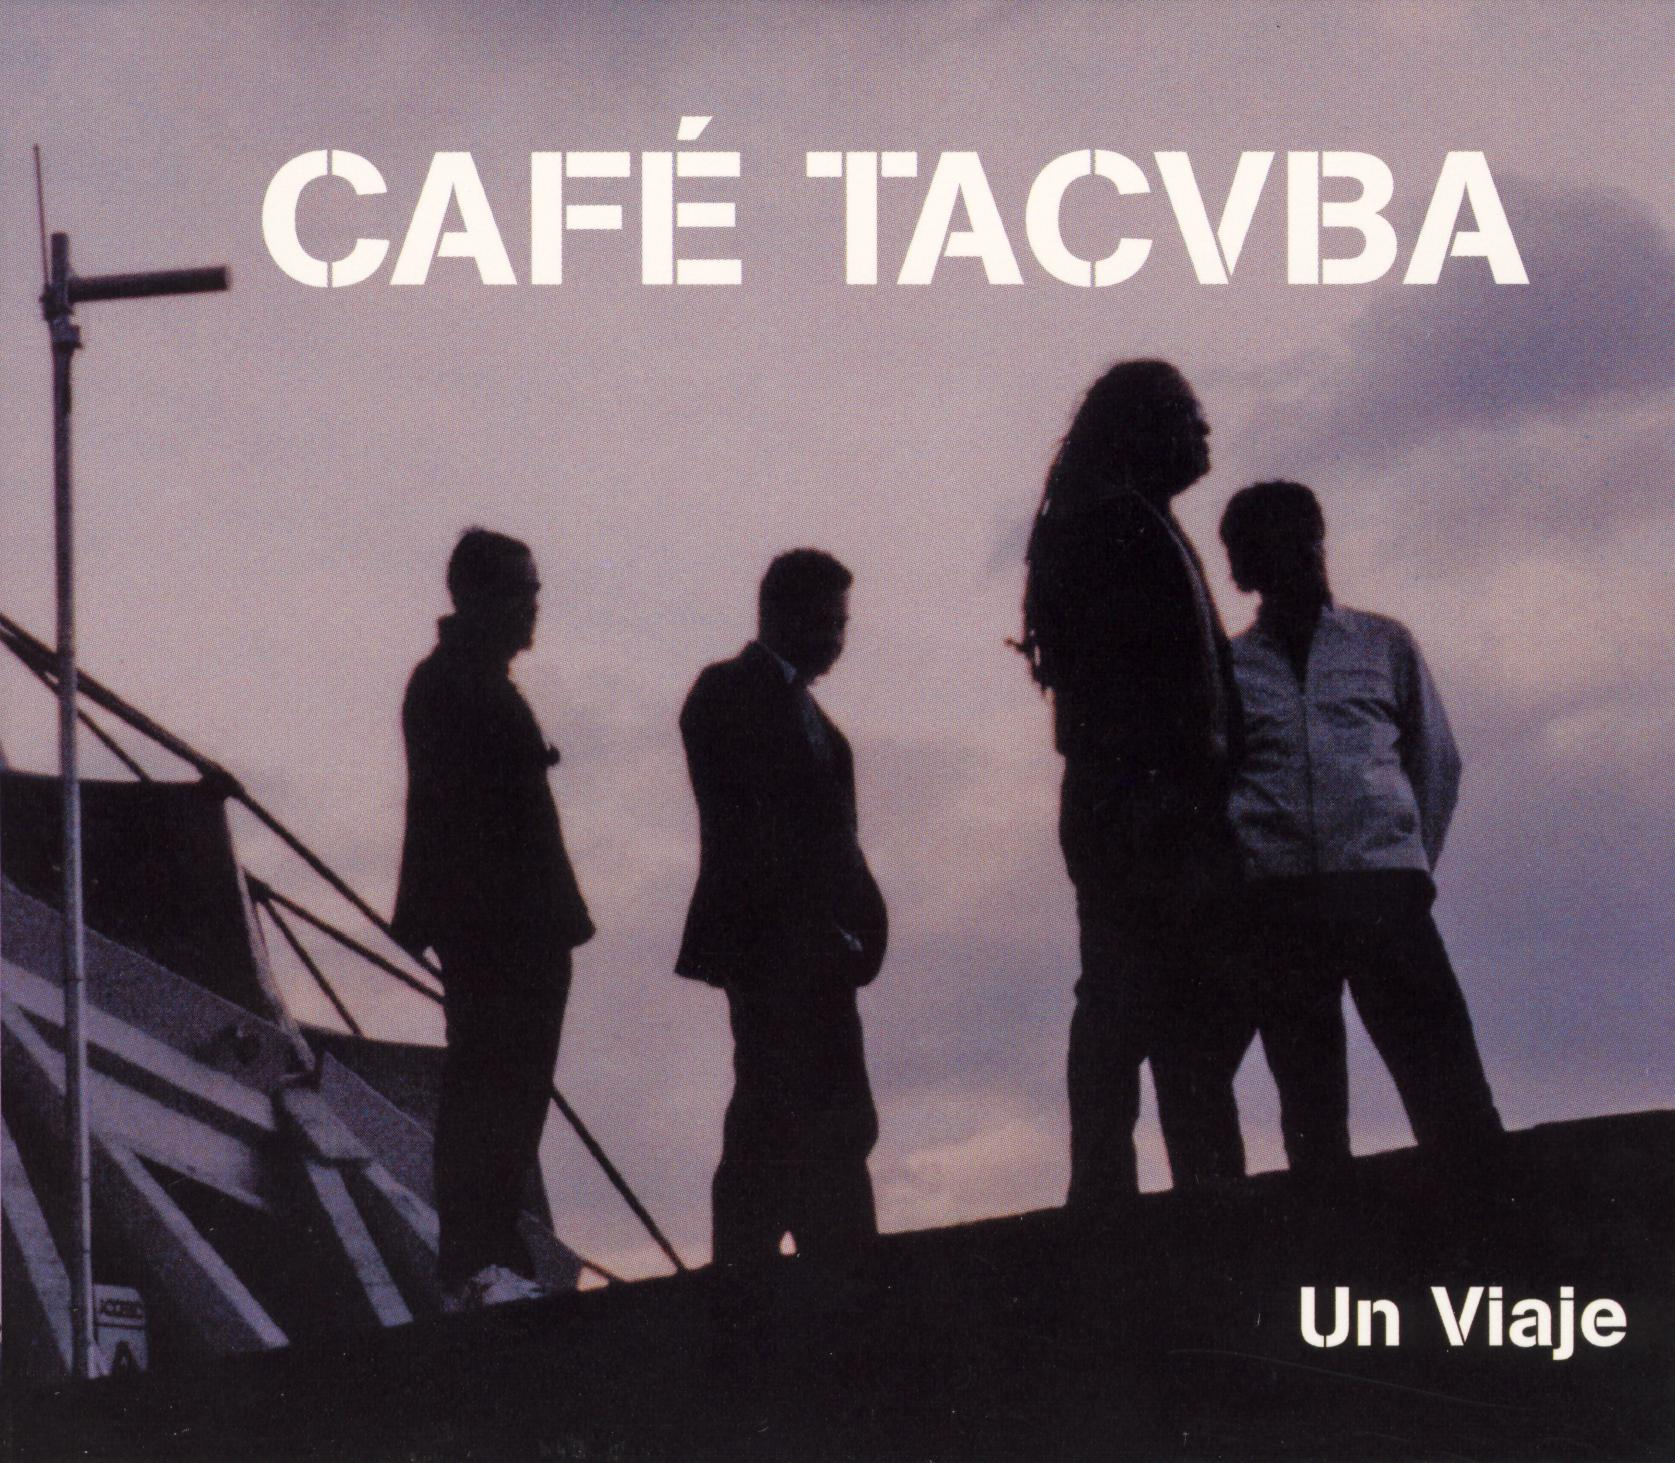 Cafe Tacuba: Un Viaje